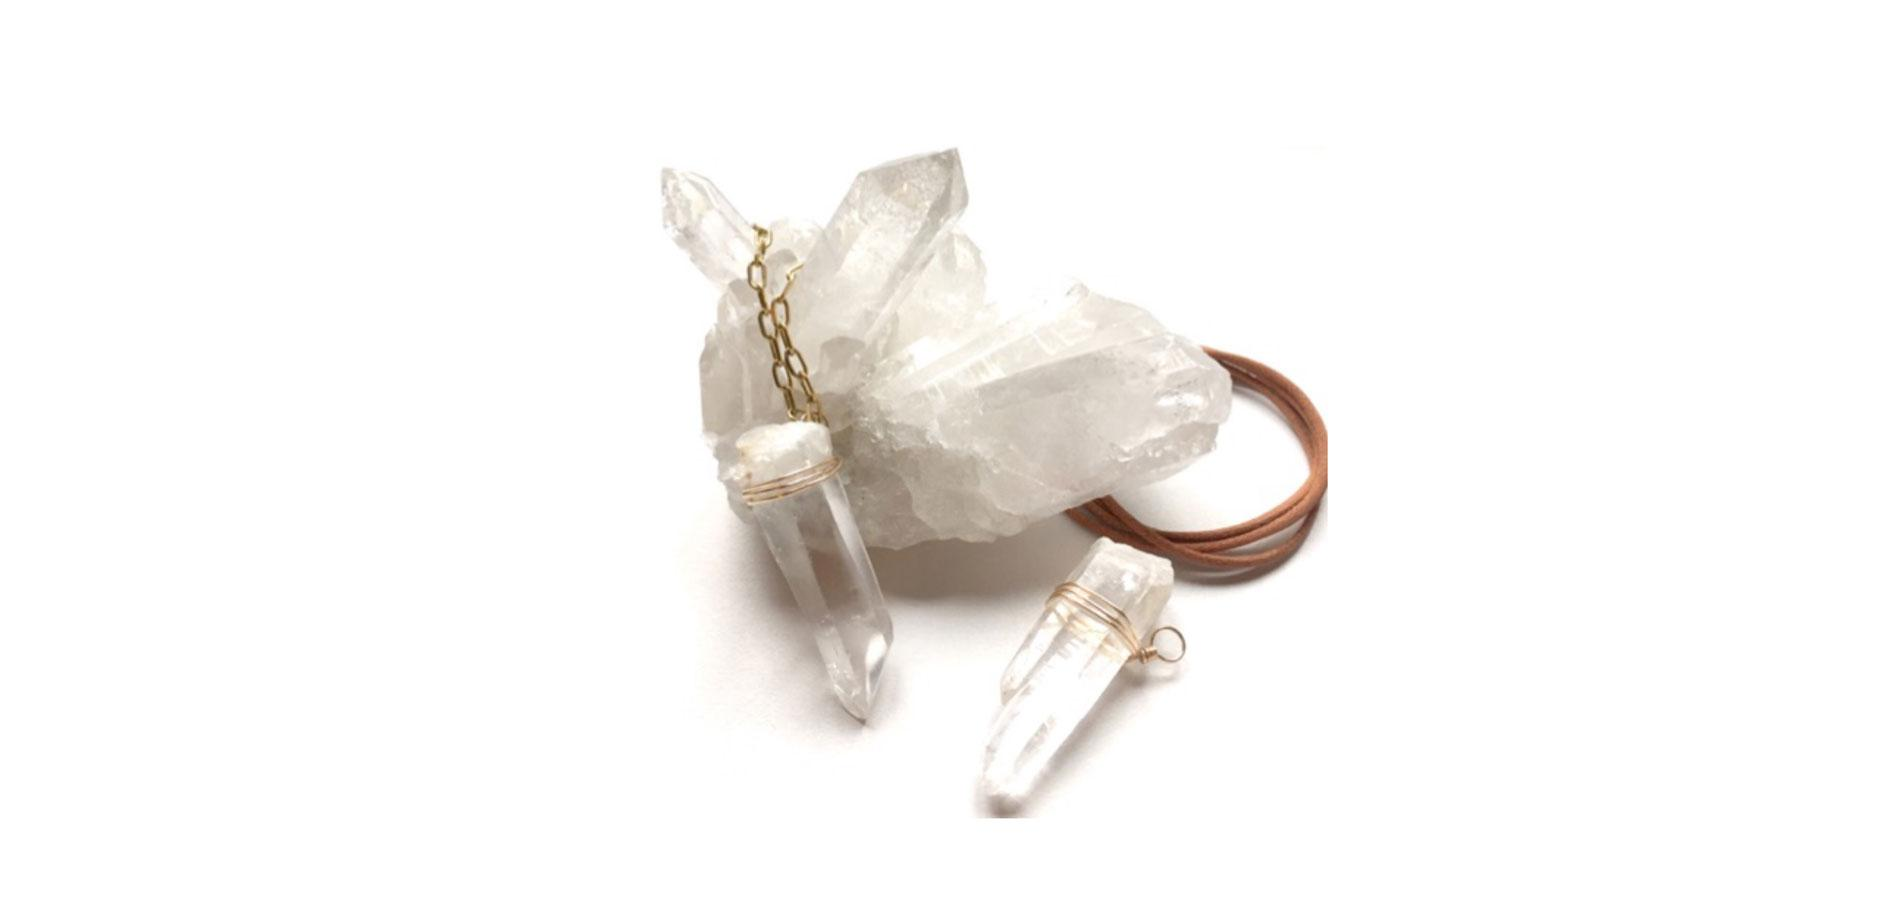 0befa73dc9 Sautoir en cristal de roche et chaine en laiton doré à l'or fin, Sir  Constance, 280 €. En vente sur http://www.sirconstance.com.